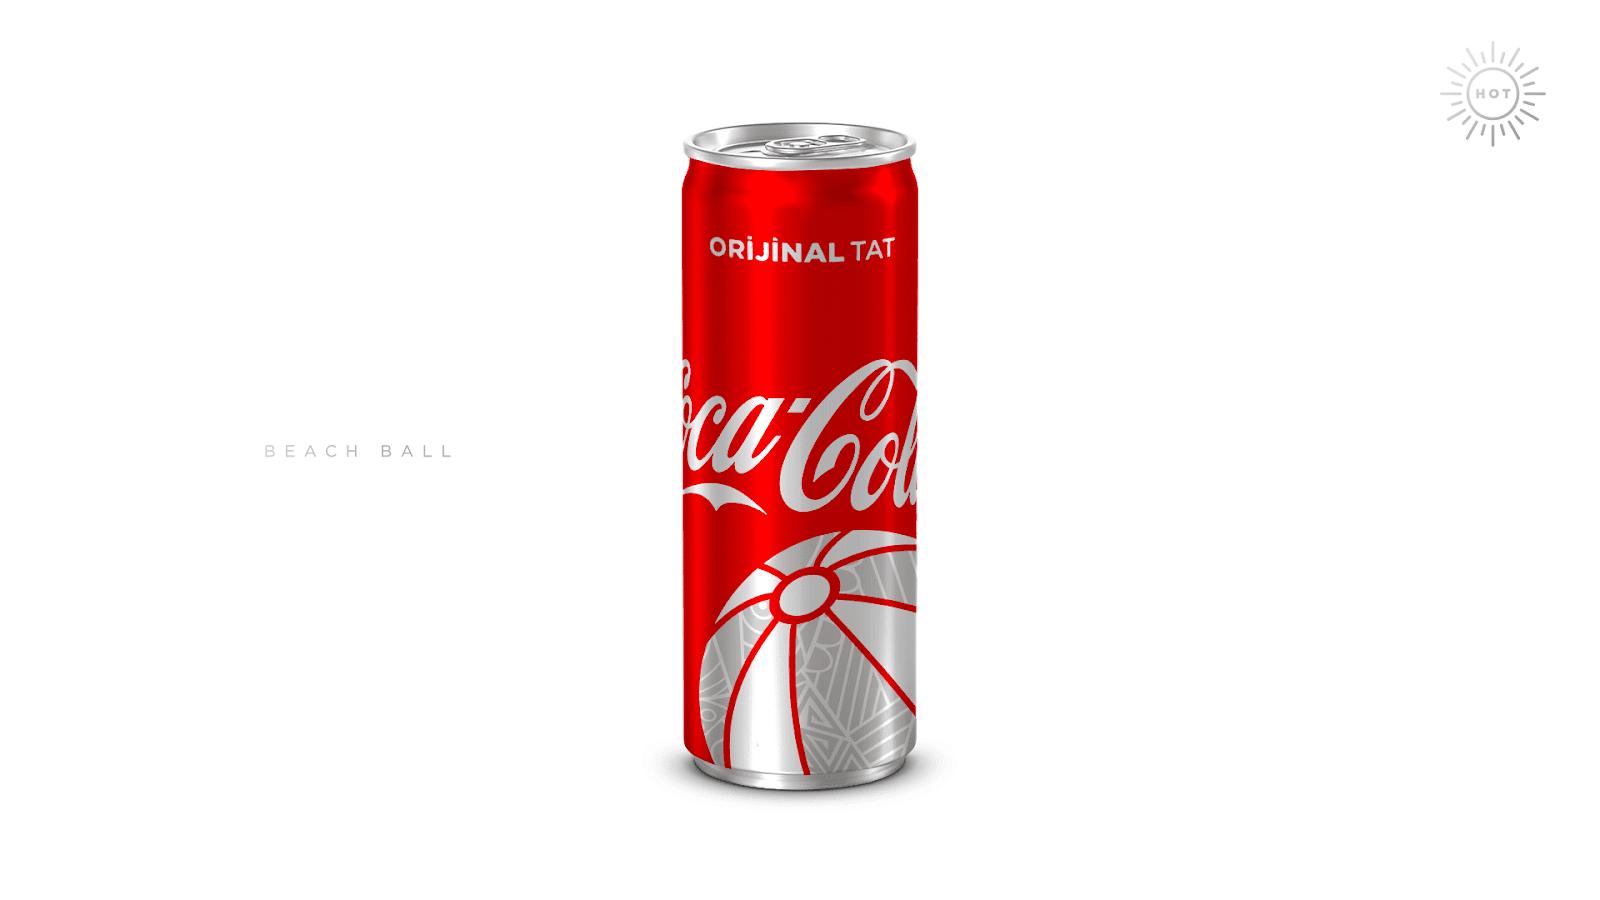 thermocans08 - Coca-Cola přináší vyletněné termo plechovky